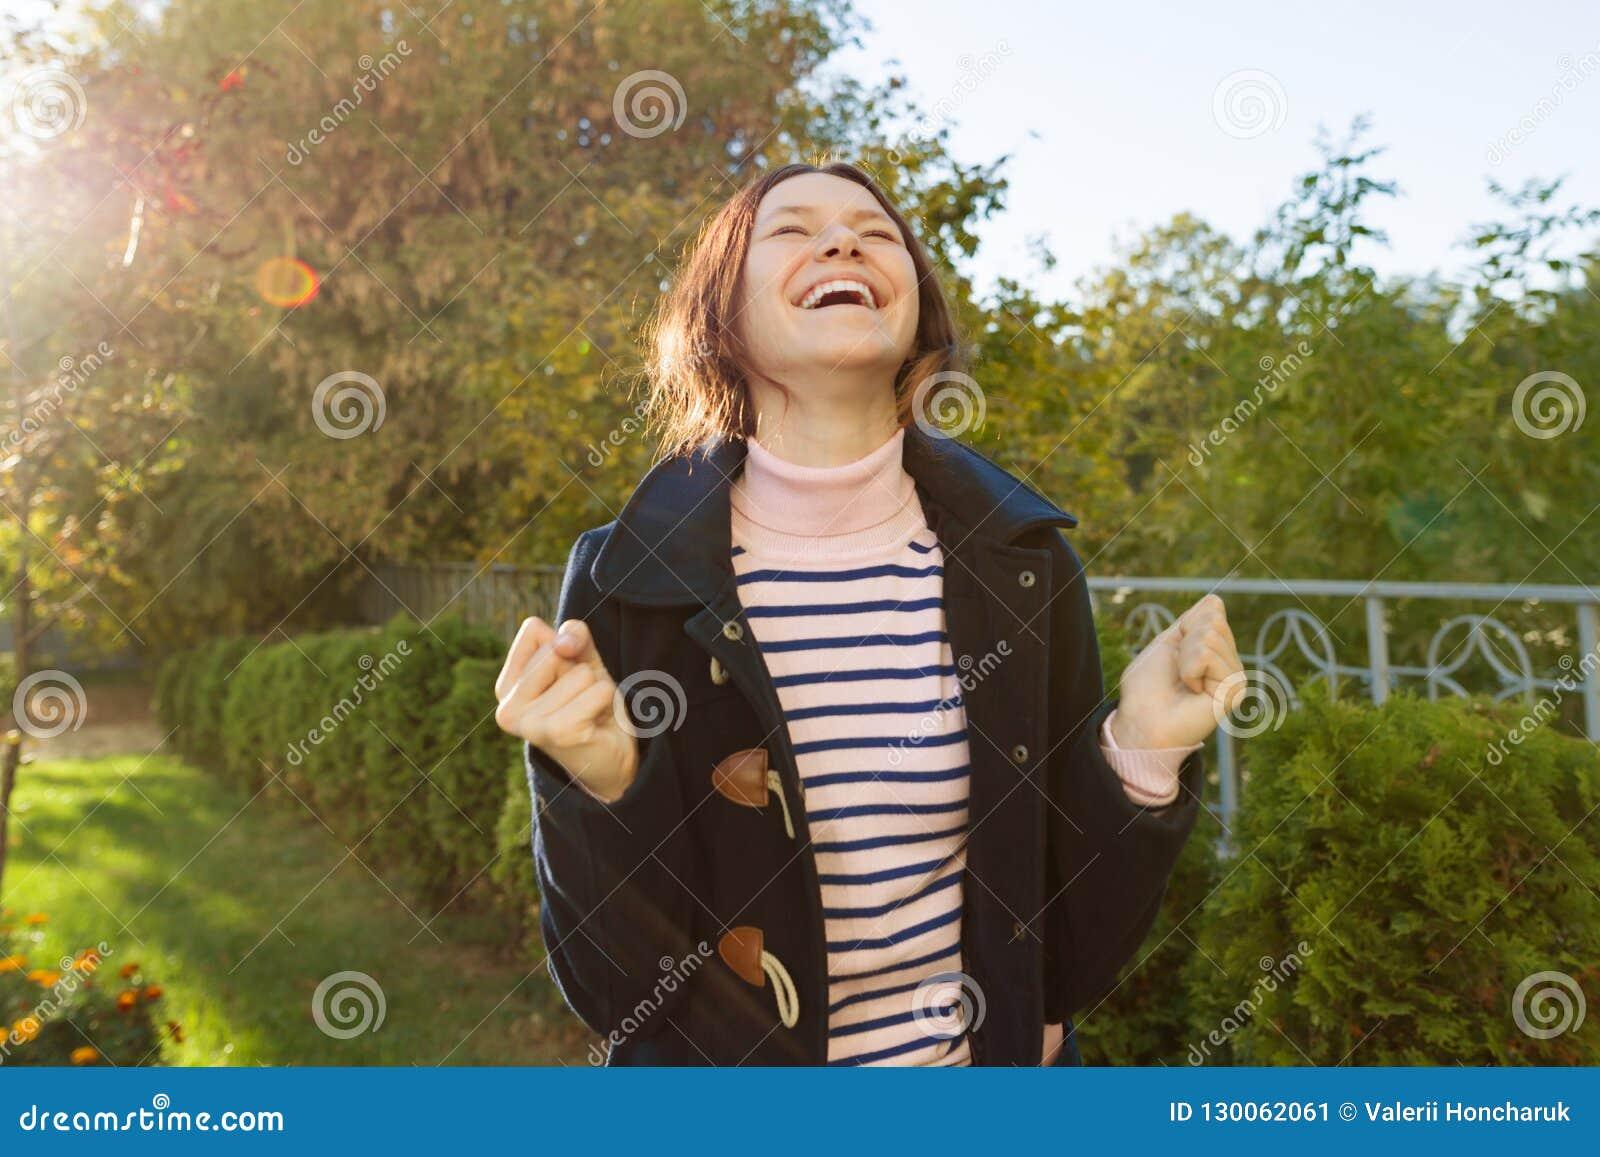 На открытом воздухе портрет девушки подростка с эмоцией счастья, успеха, победы, золотого часа